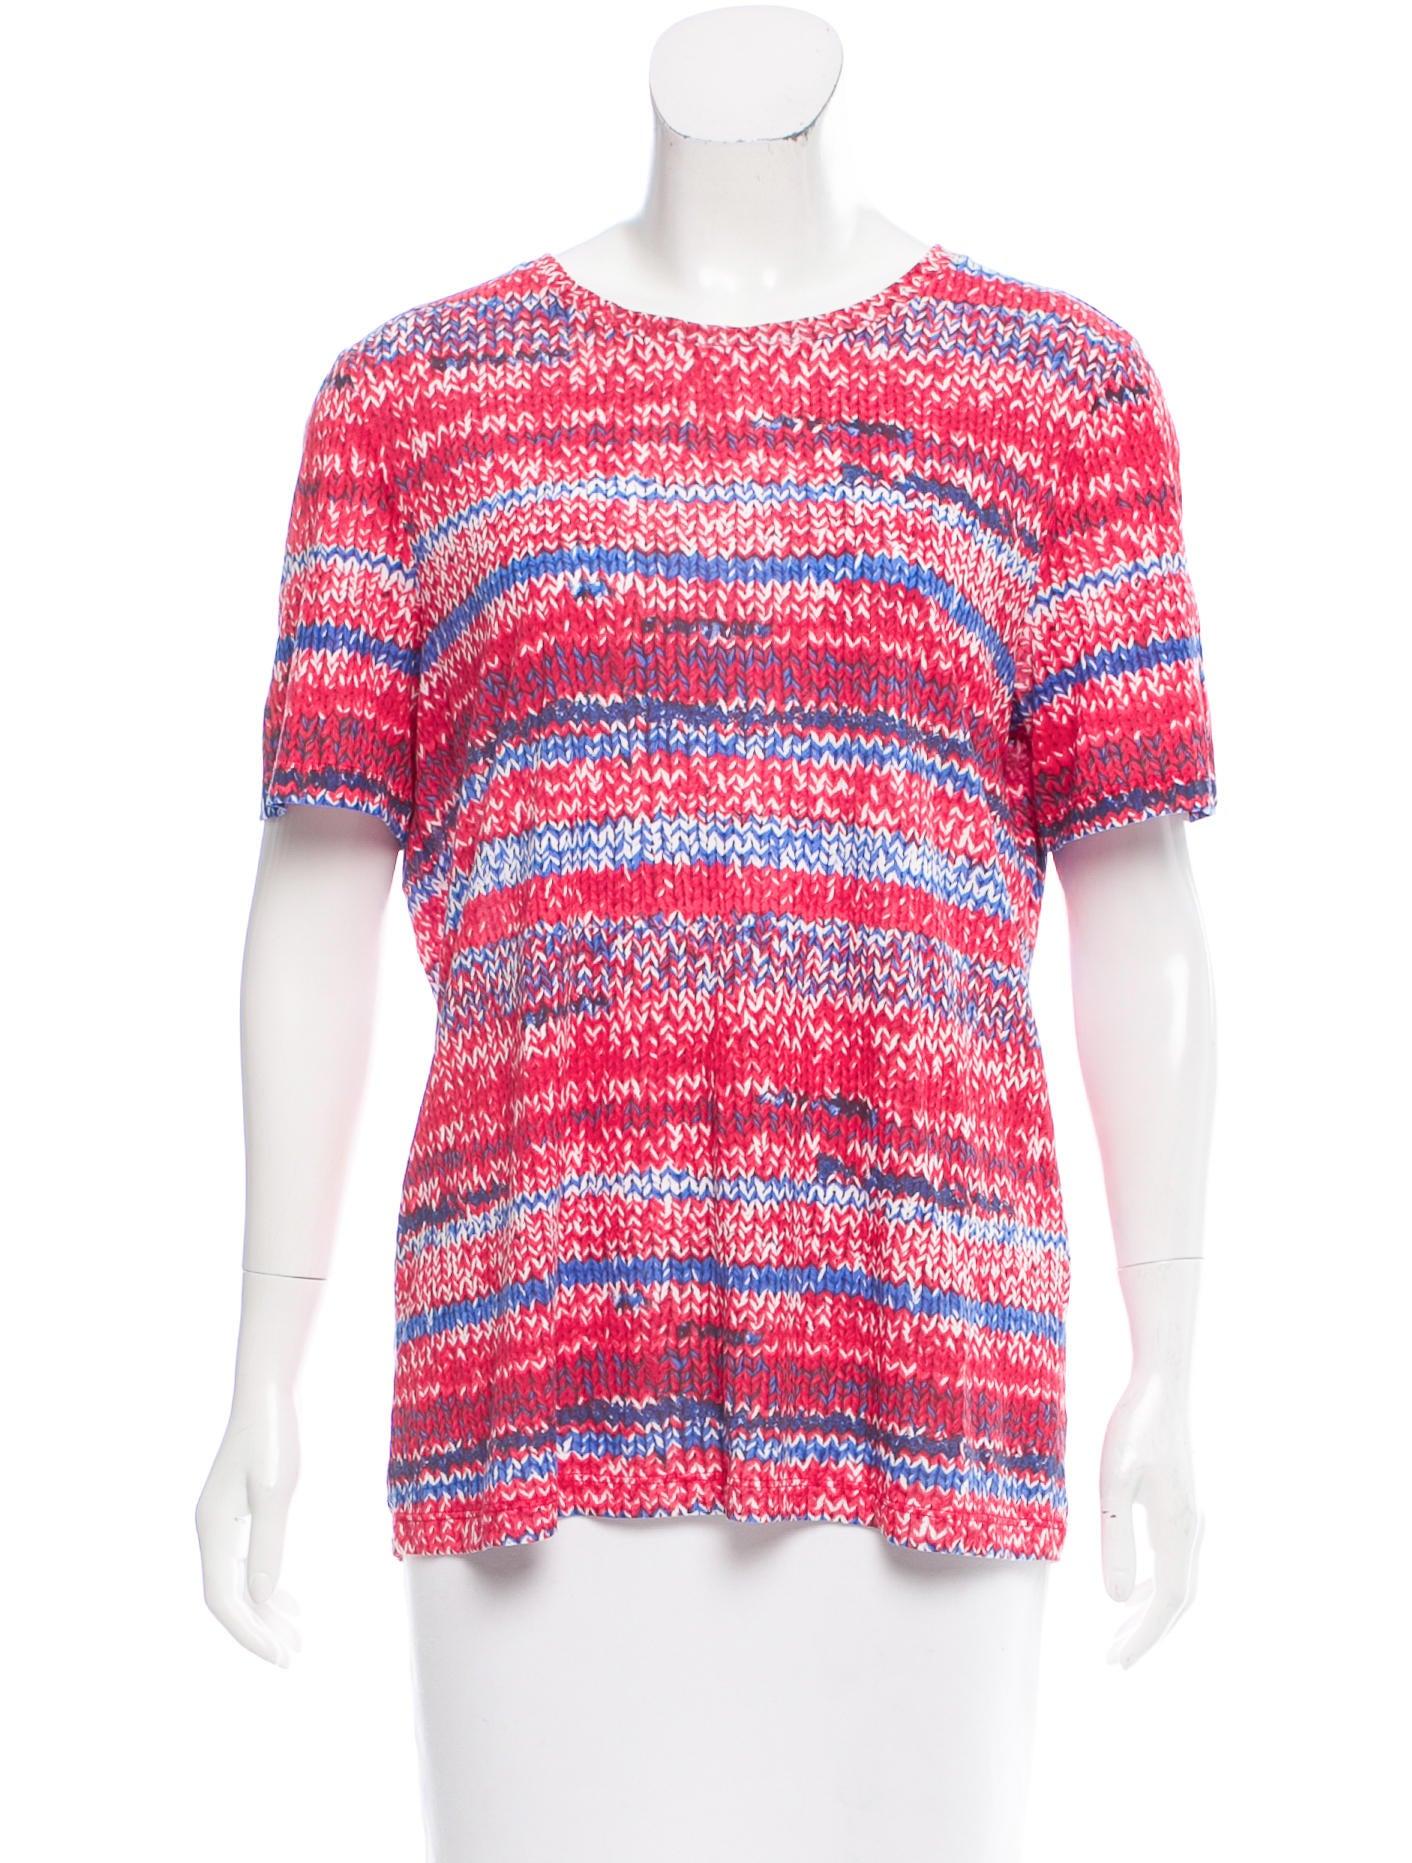 Tory burch printed short sleeve t shirt clothing for Tory burch t shirt